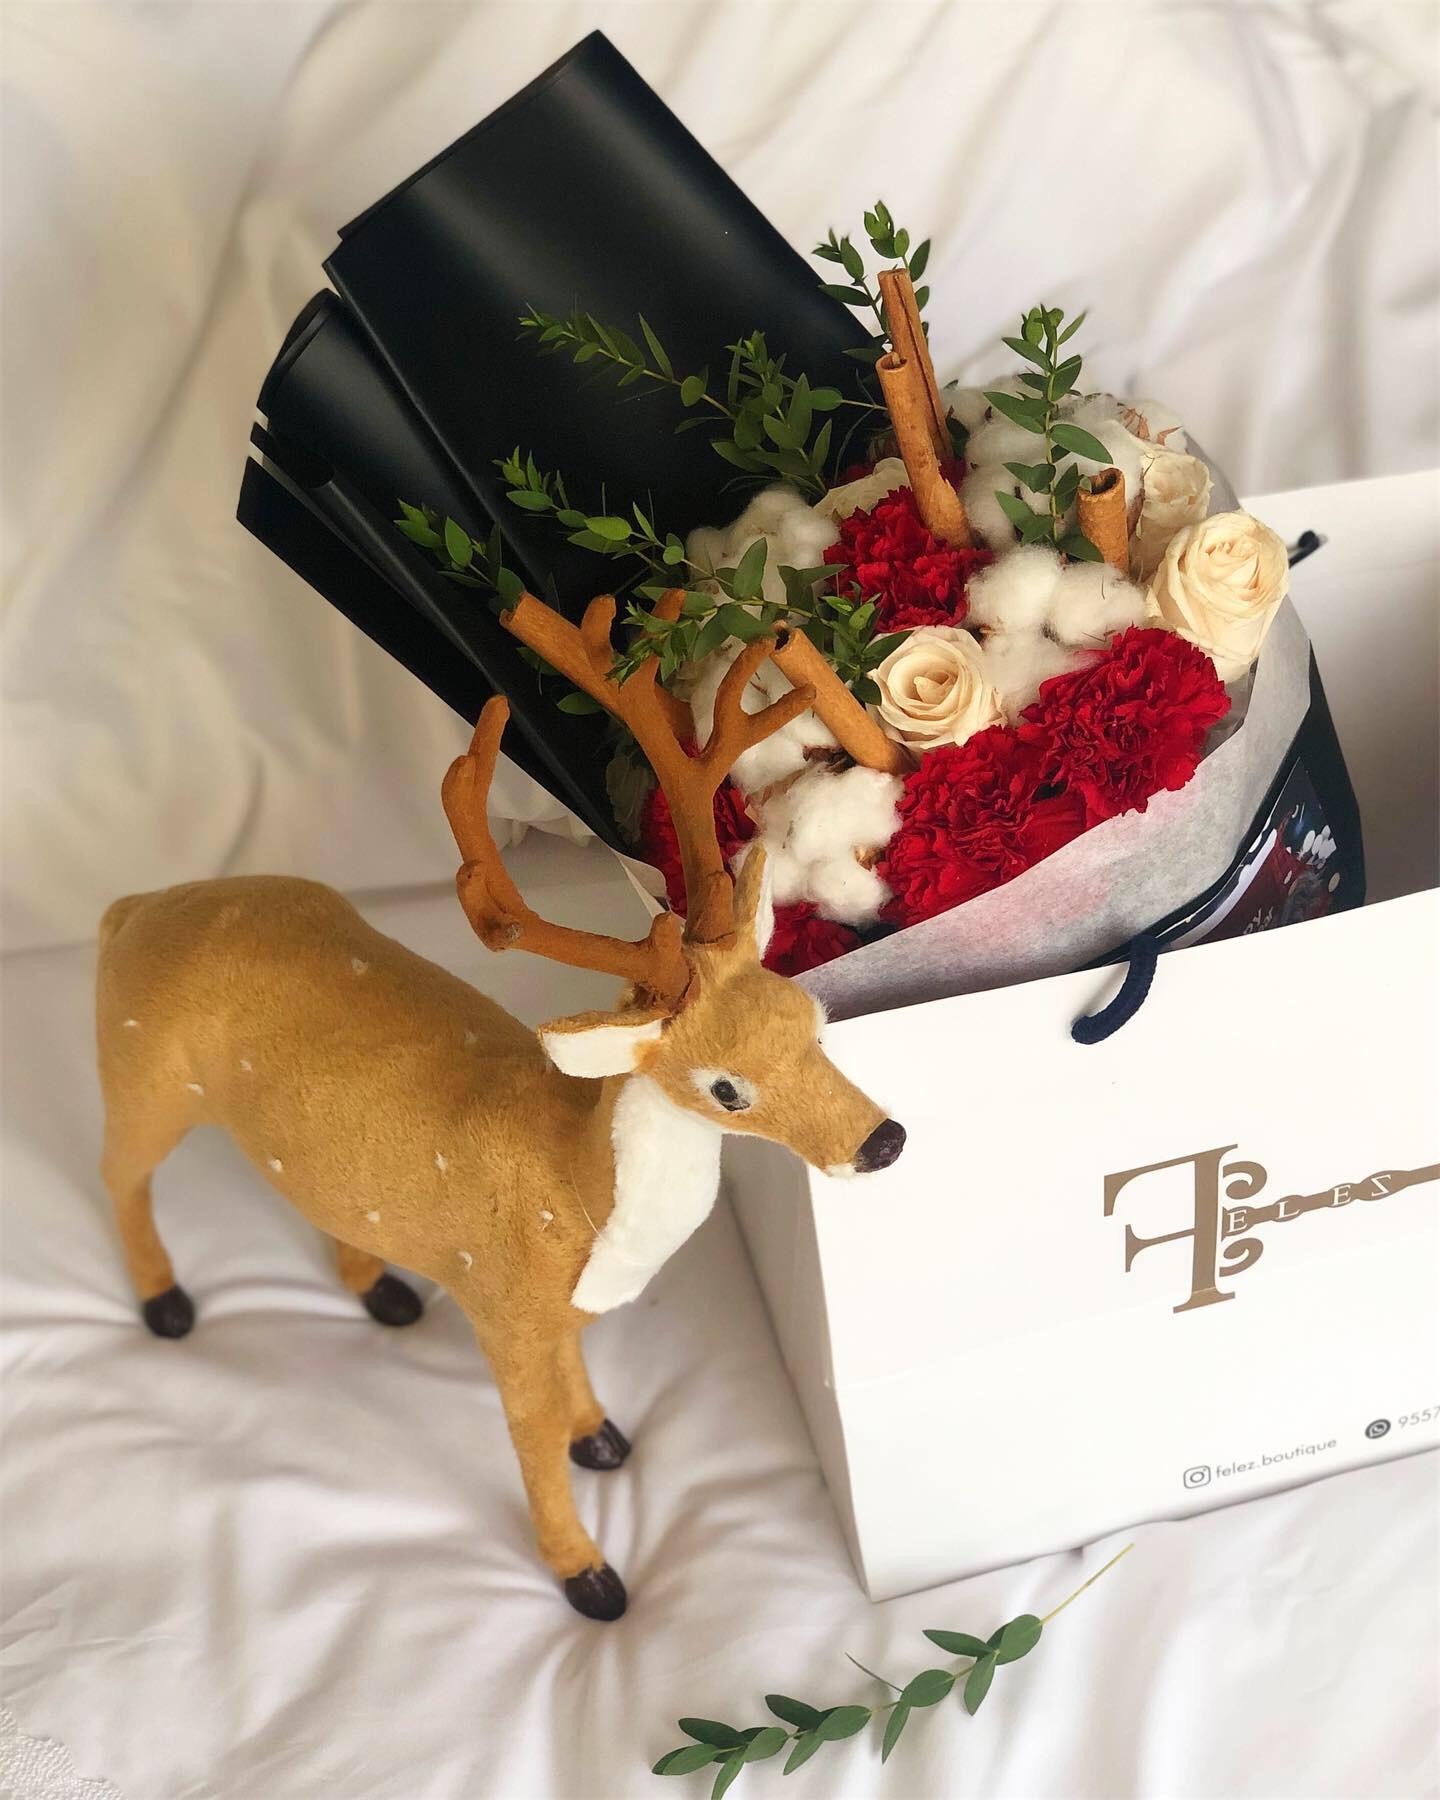 Cinnamon Bouquets 'Bouquets Bouquets